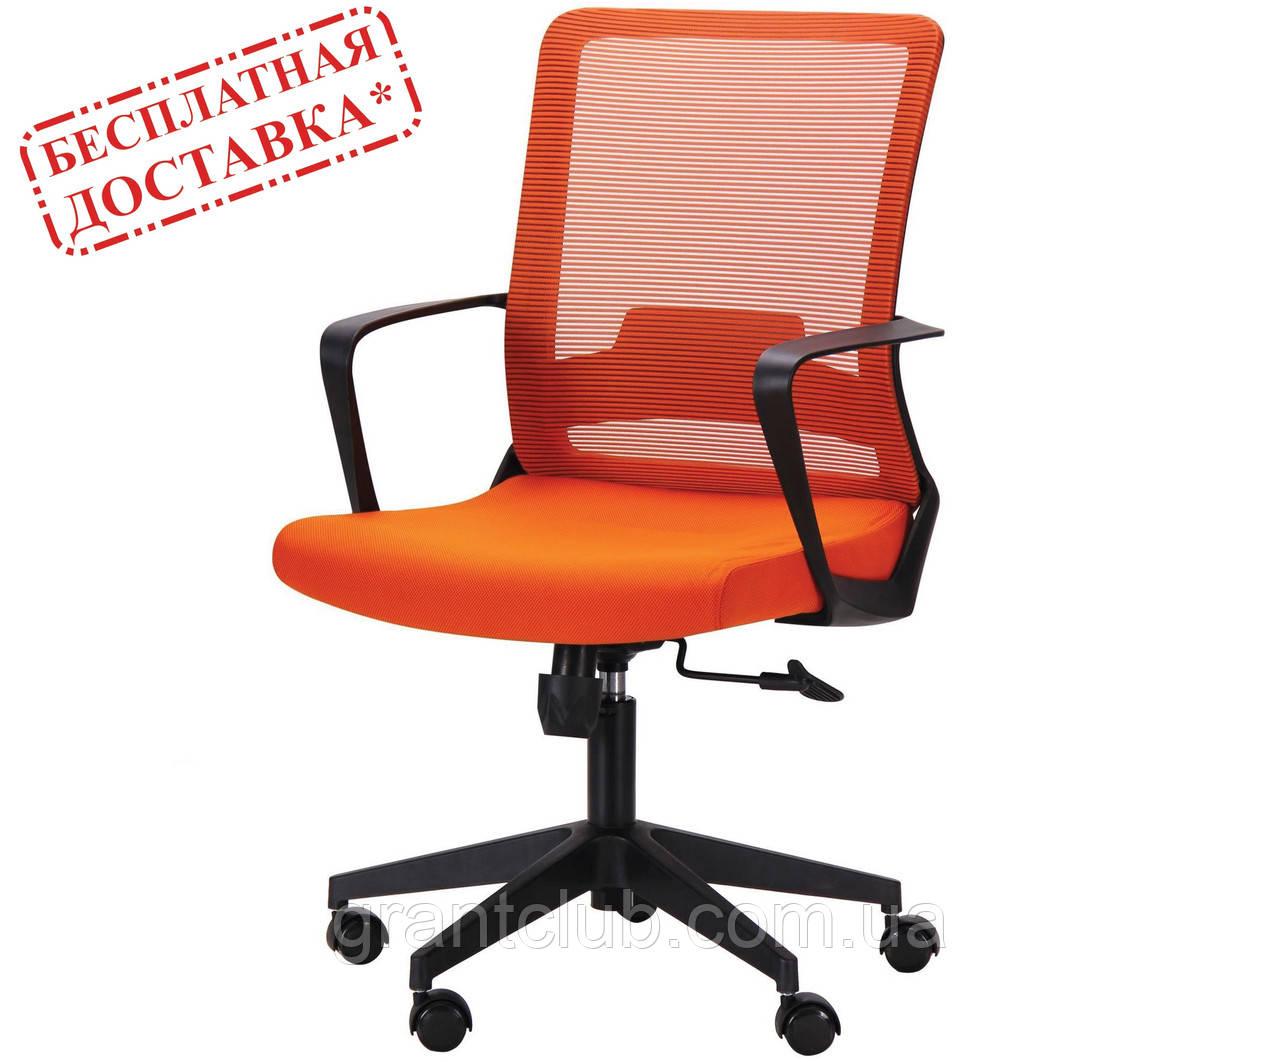 Кресло офисное на колесах ARGON LB оранжевый AMF (бесплатная адресная доставка)